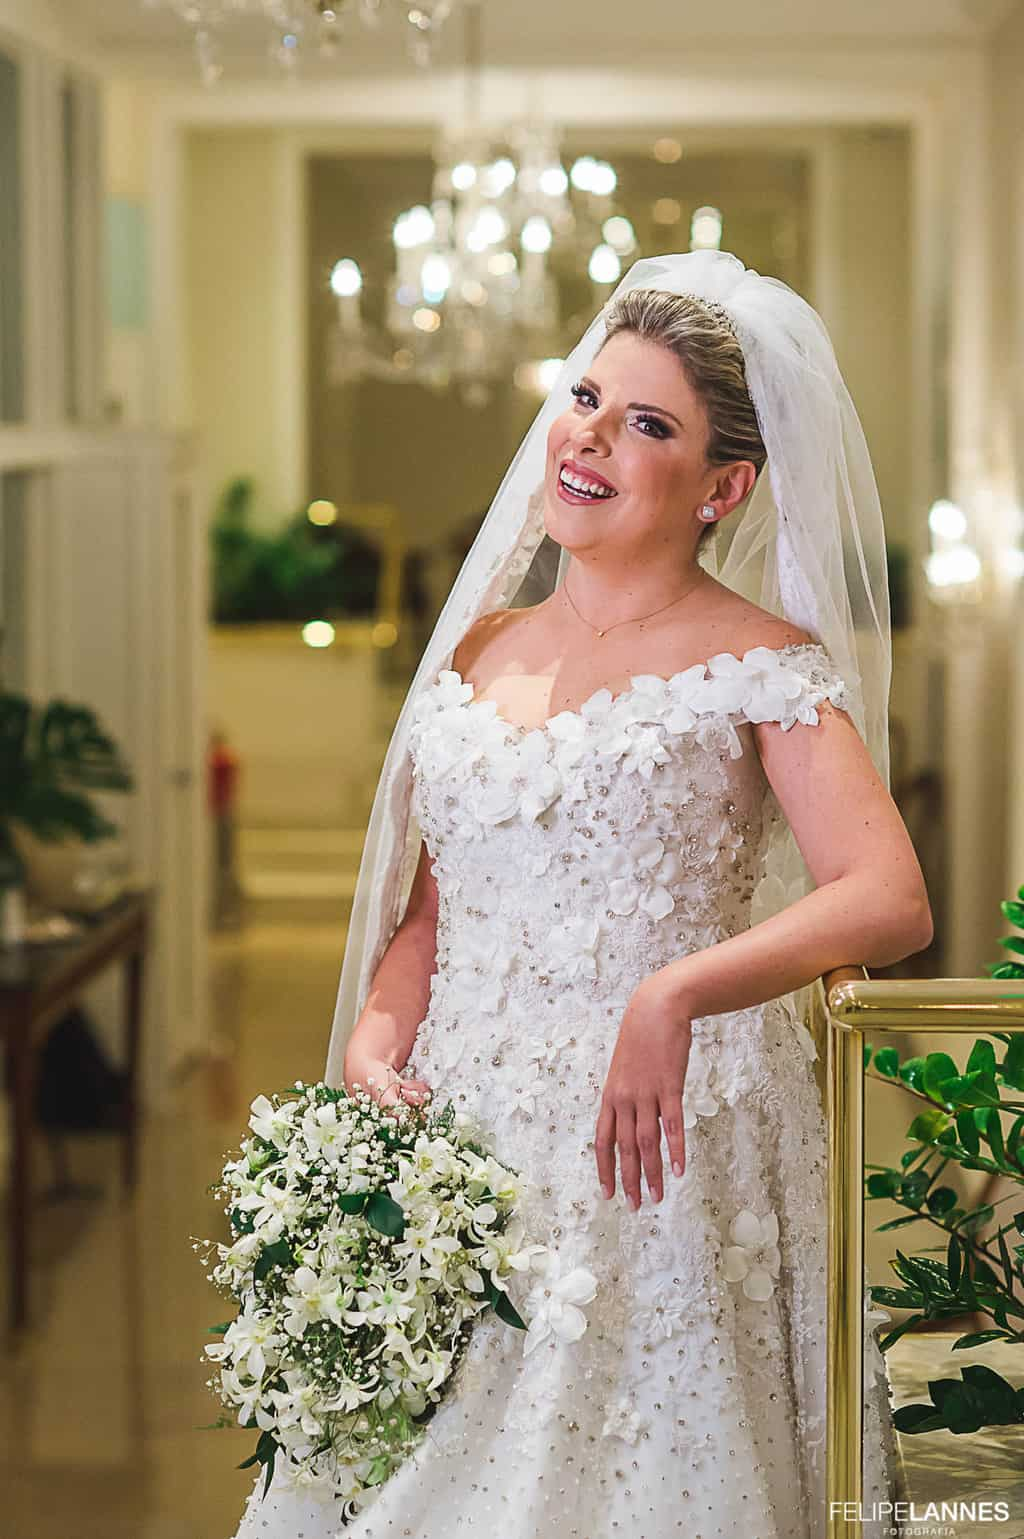 Casamento-Beatrice-e-Luiz-Augusto-casamento-classico-fotografia-Felipe-Lannes-making-of-noiva1